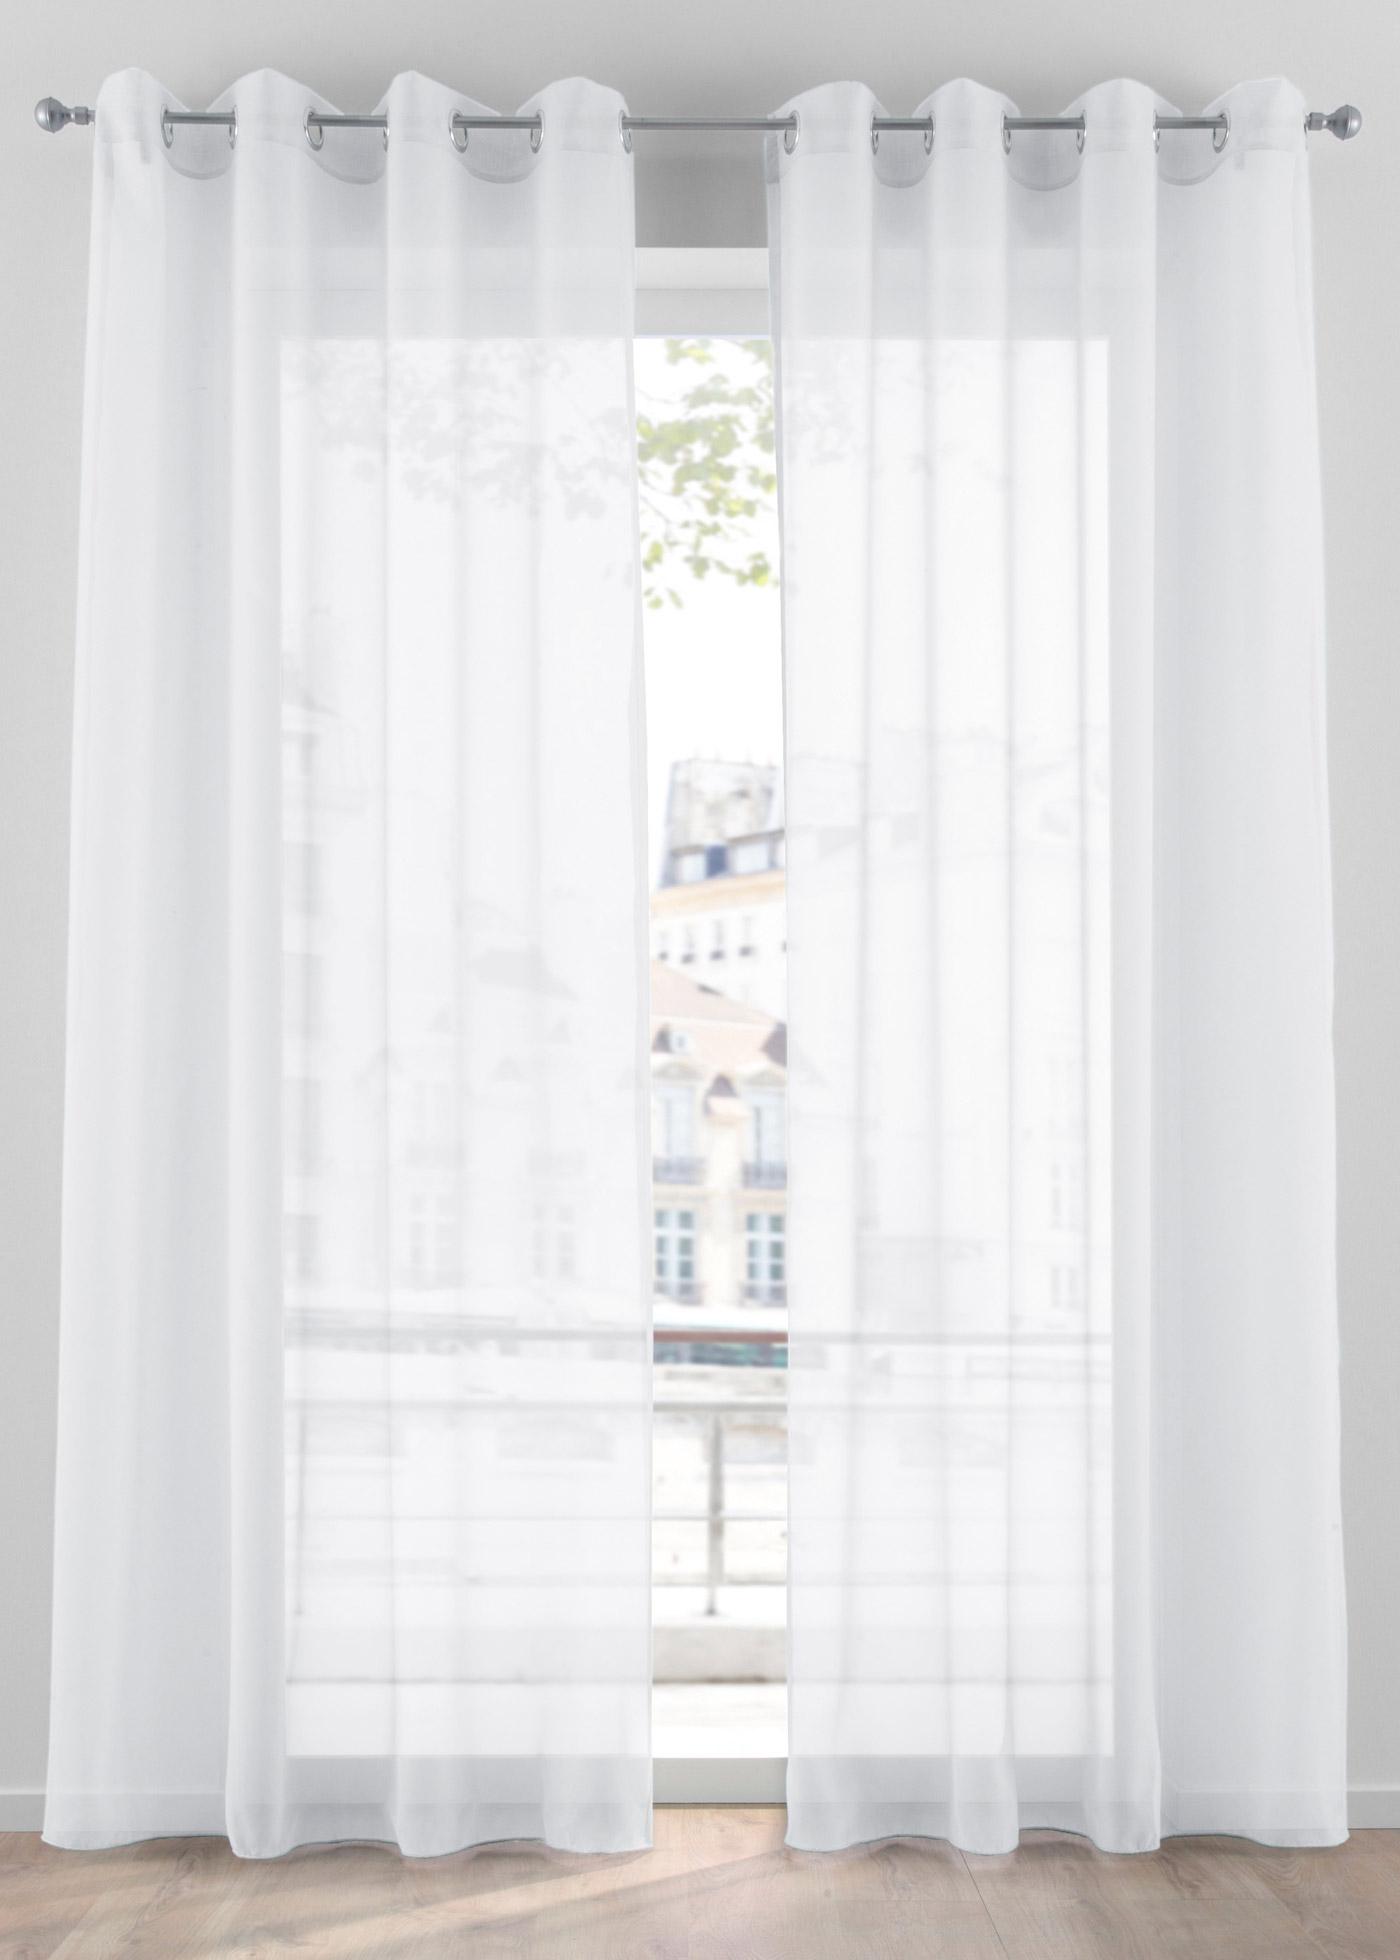 Függöny egyszínű (1 db)